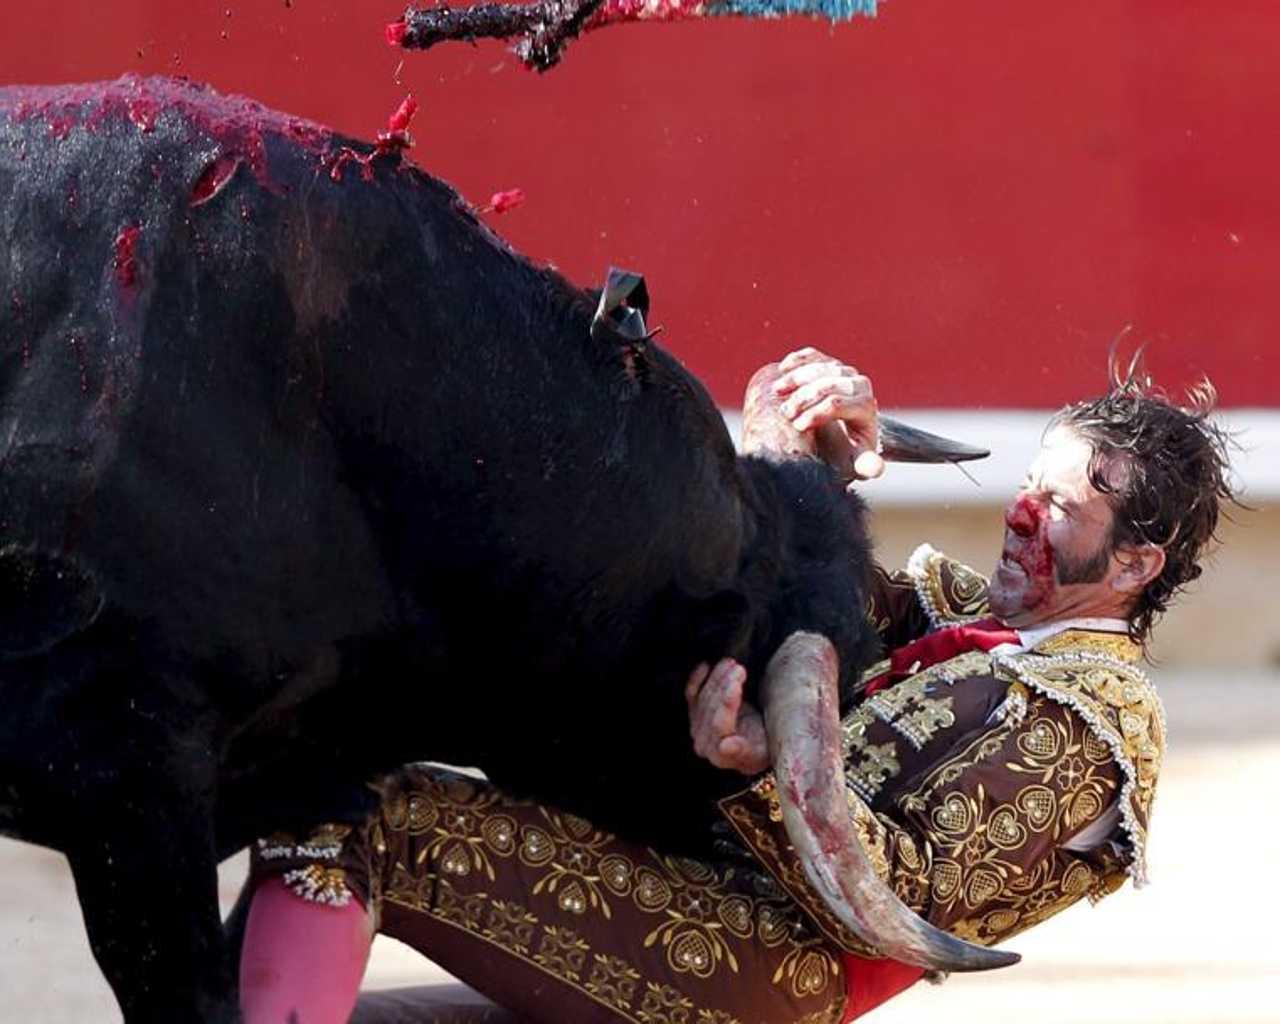 La Spagna litiga: sul governo? No, sui tori. Perché c'è ...